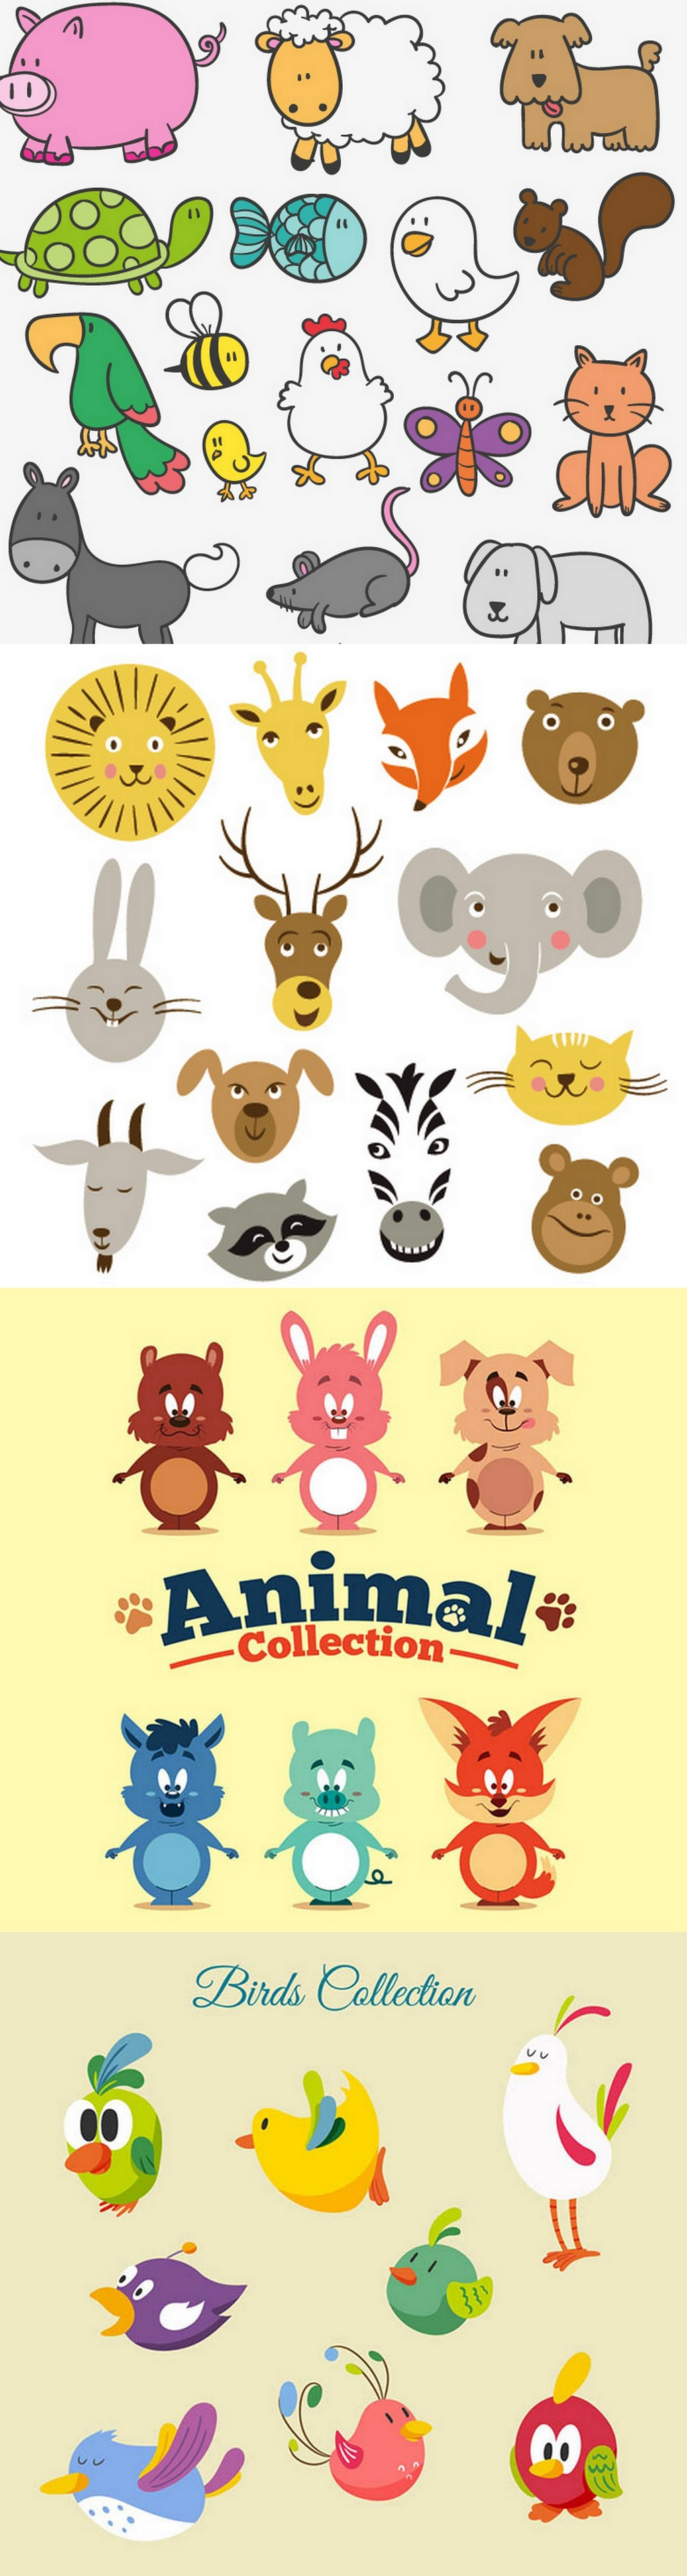 可爱卡通手绘森林动物矢量素材